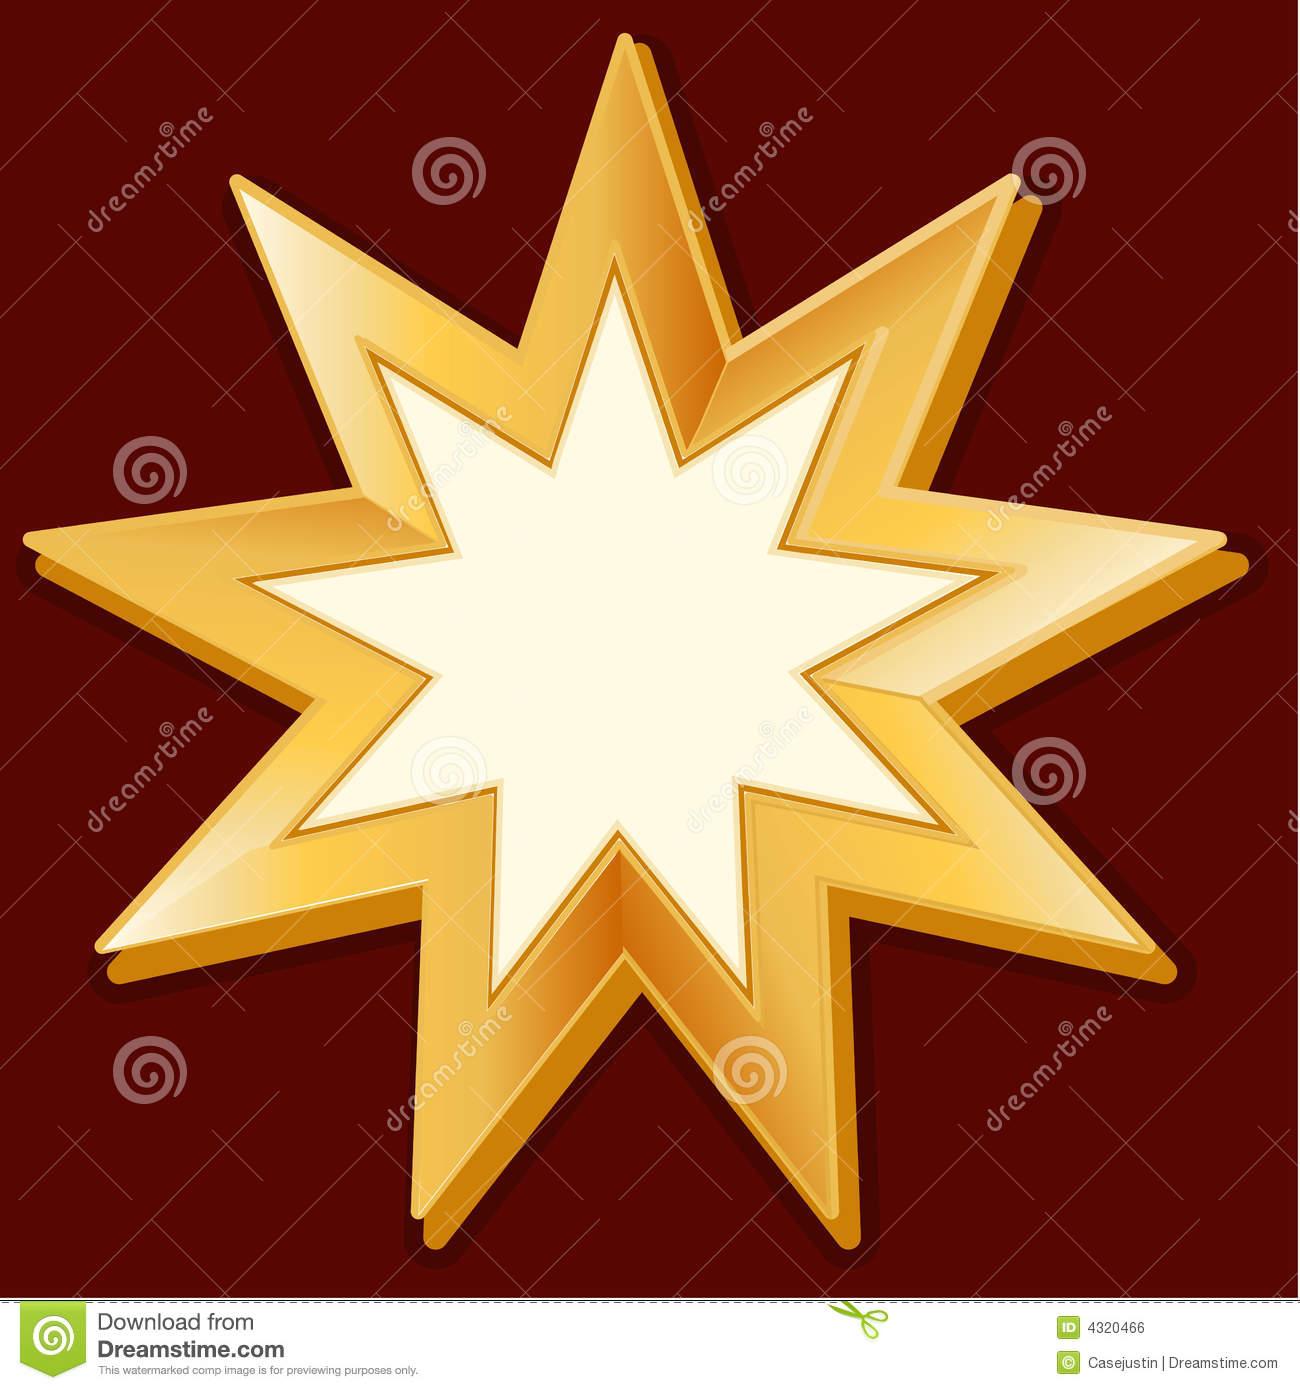 Baha'i Symbols Clip Art.